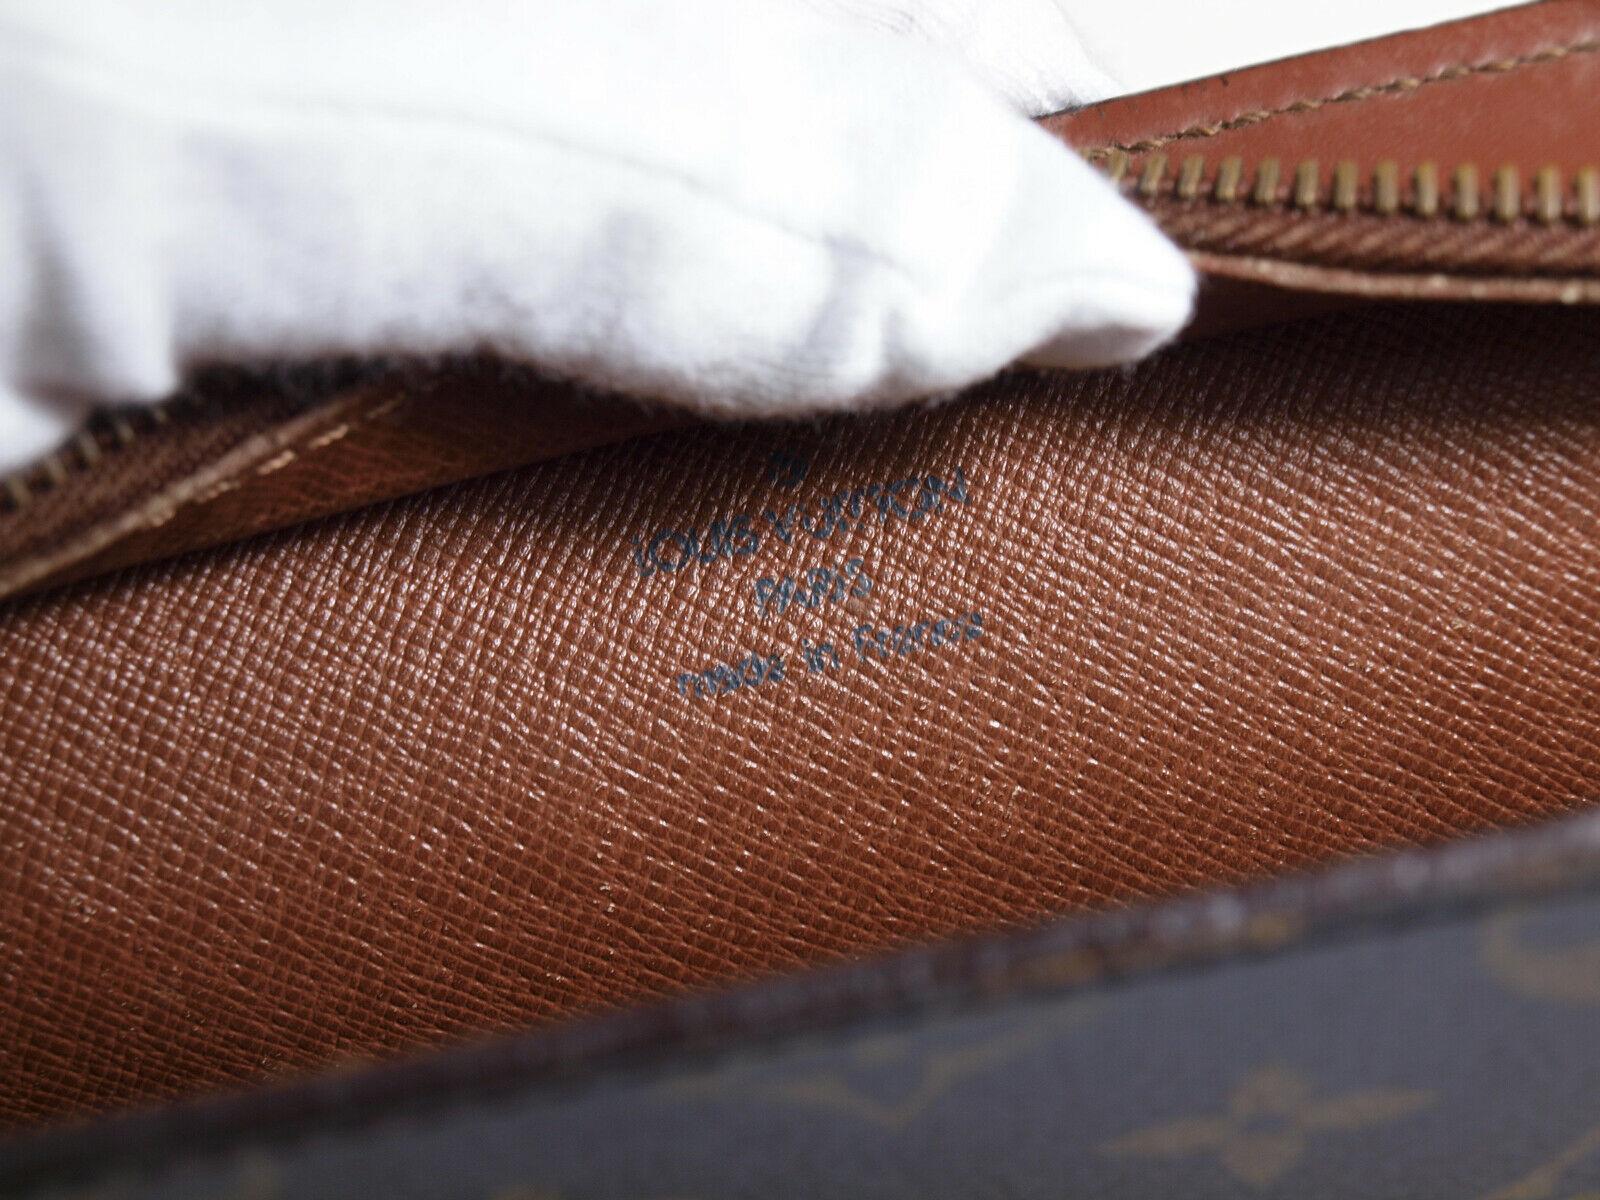 Auth LOUIS VUITTON Homme Monogram Canvas Leather Clutch Bag LP2525